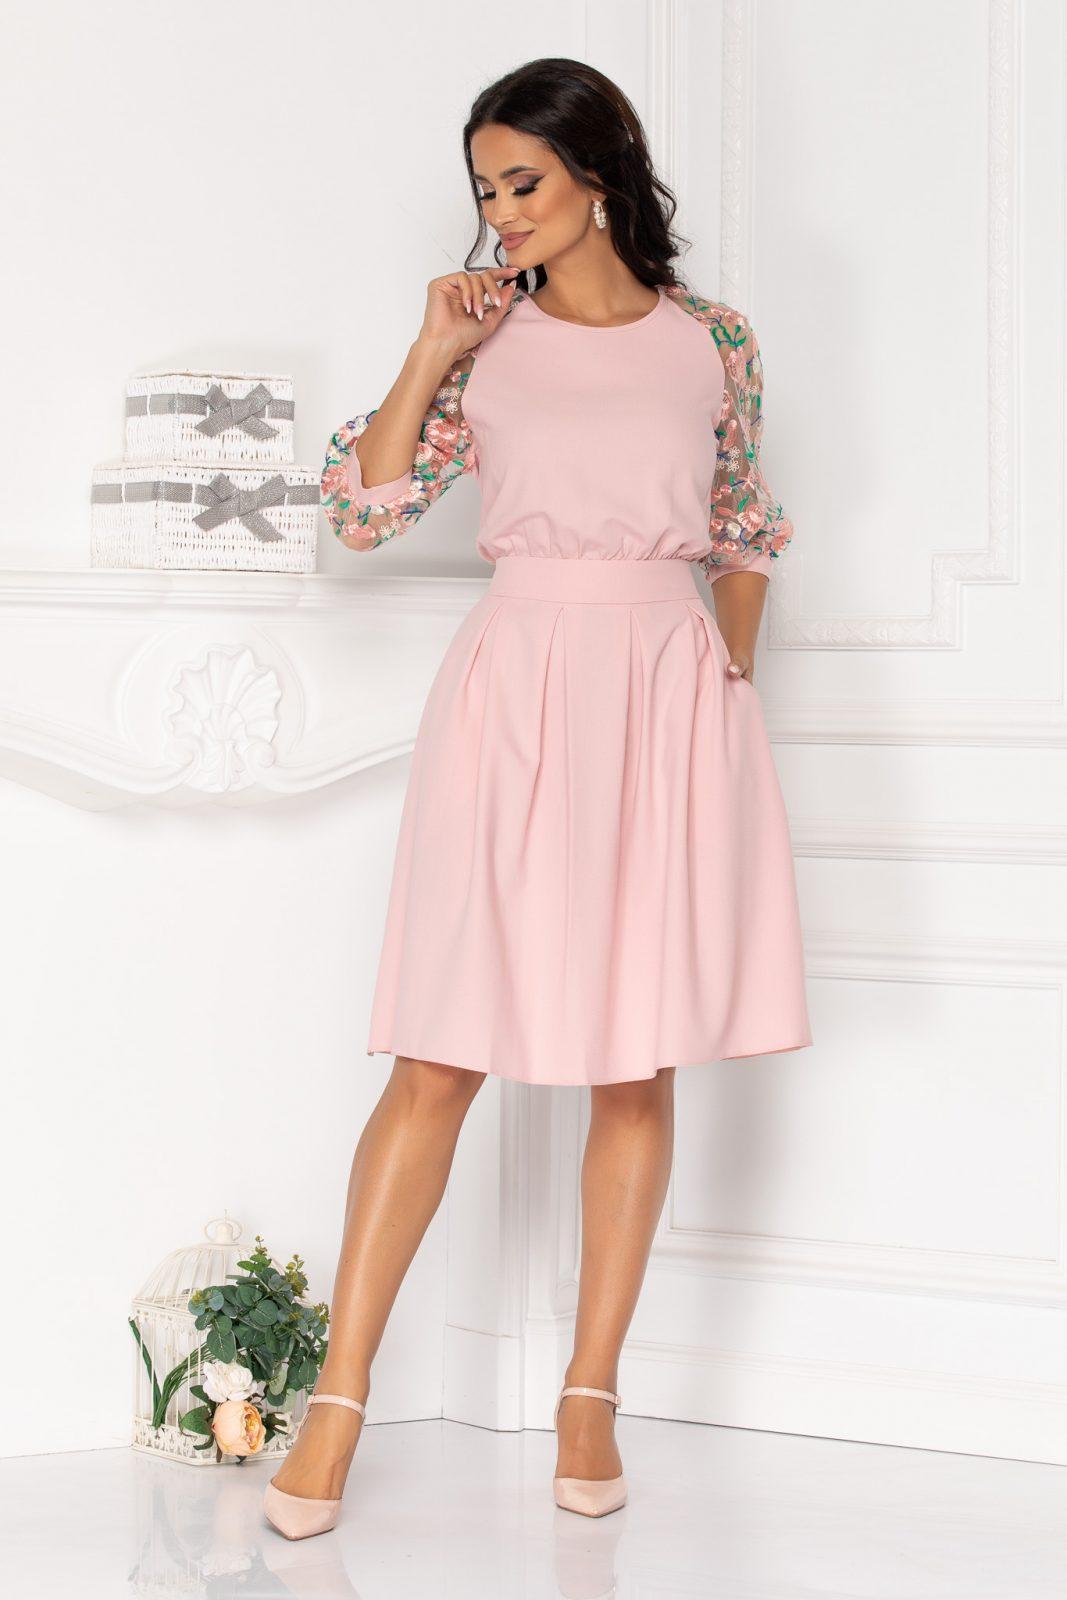 Ροζ Φόρεμα Με Διάφανα Μανίκια Evans 8517 1